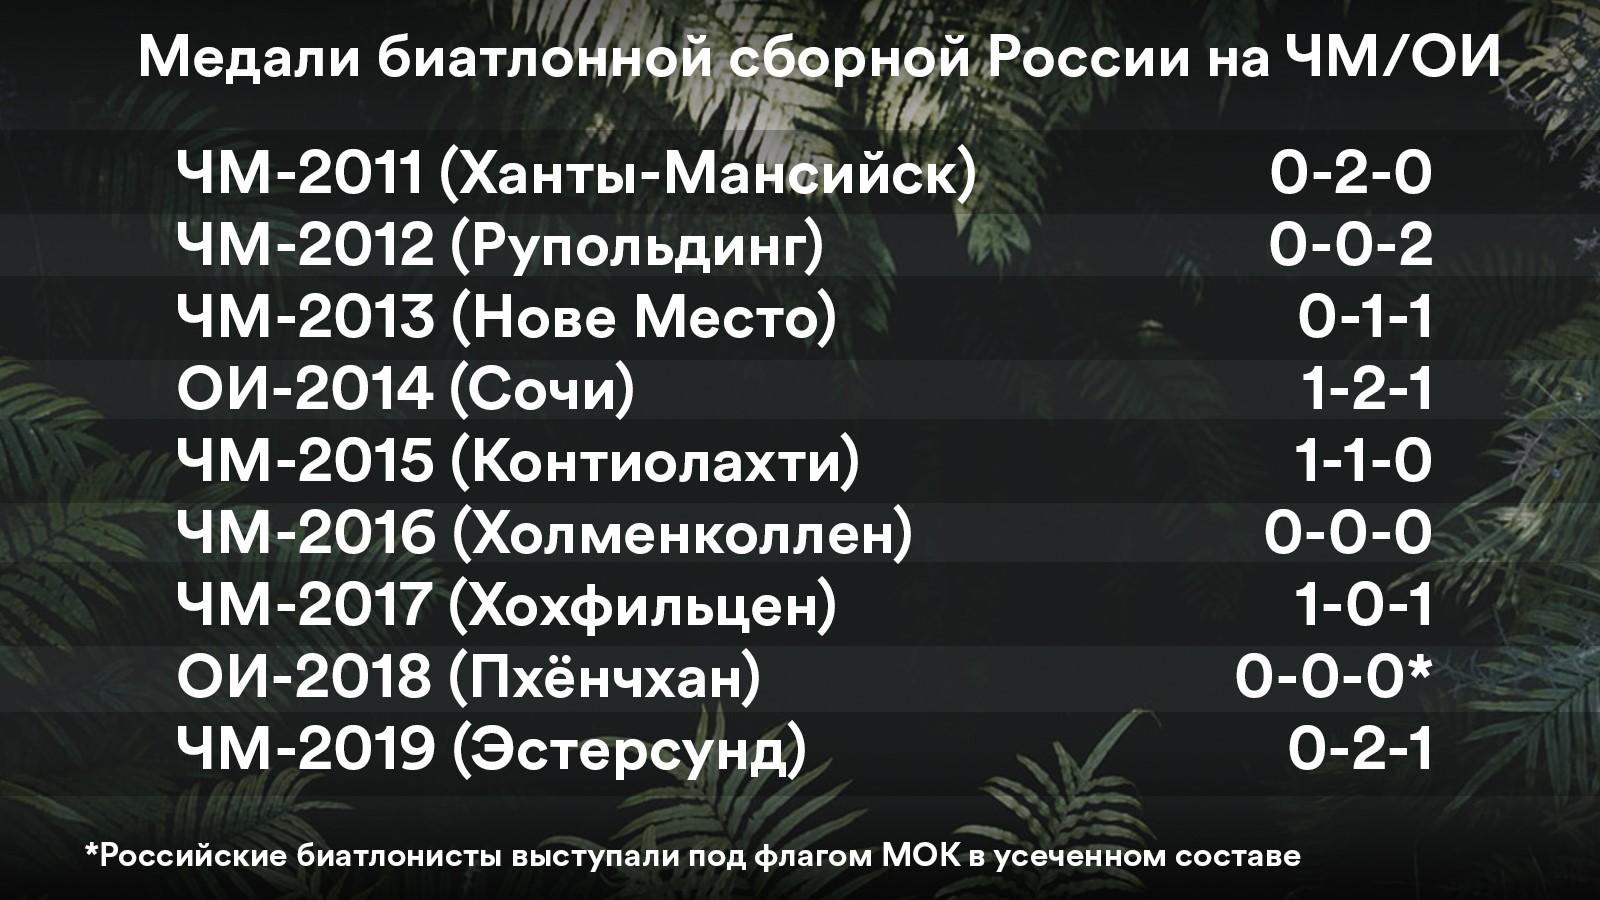 Медали биатлонной сборной России на крупных турнирах